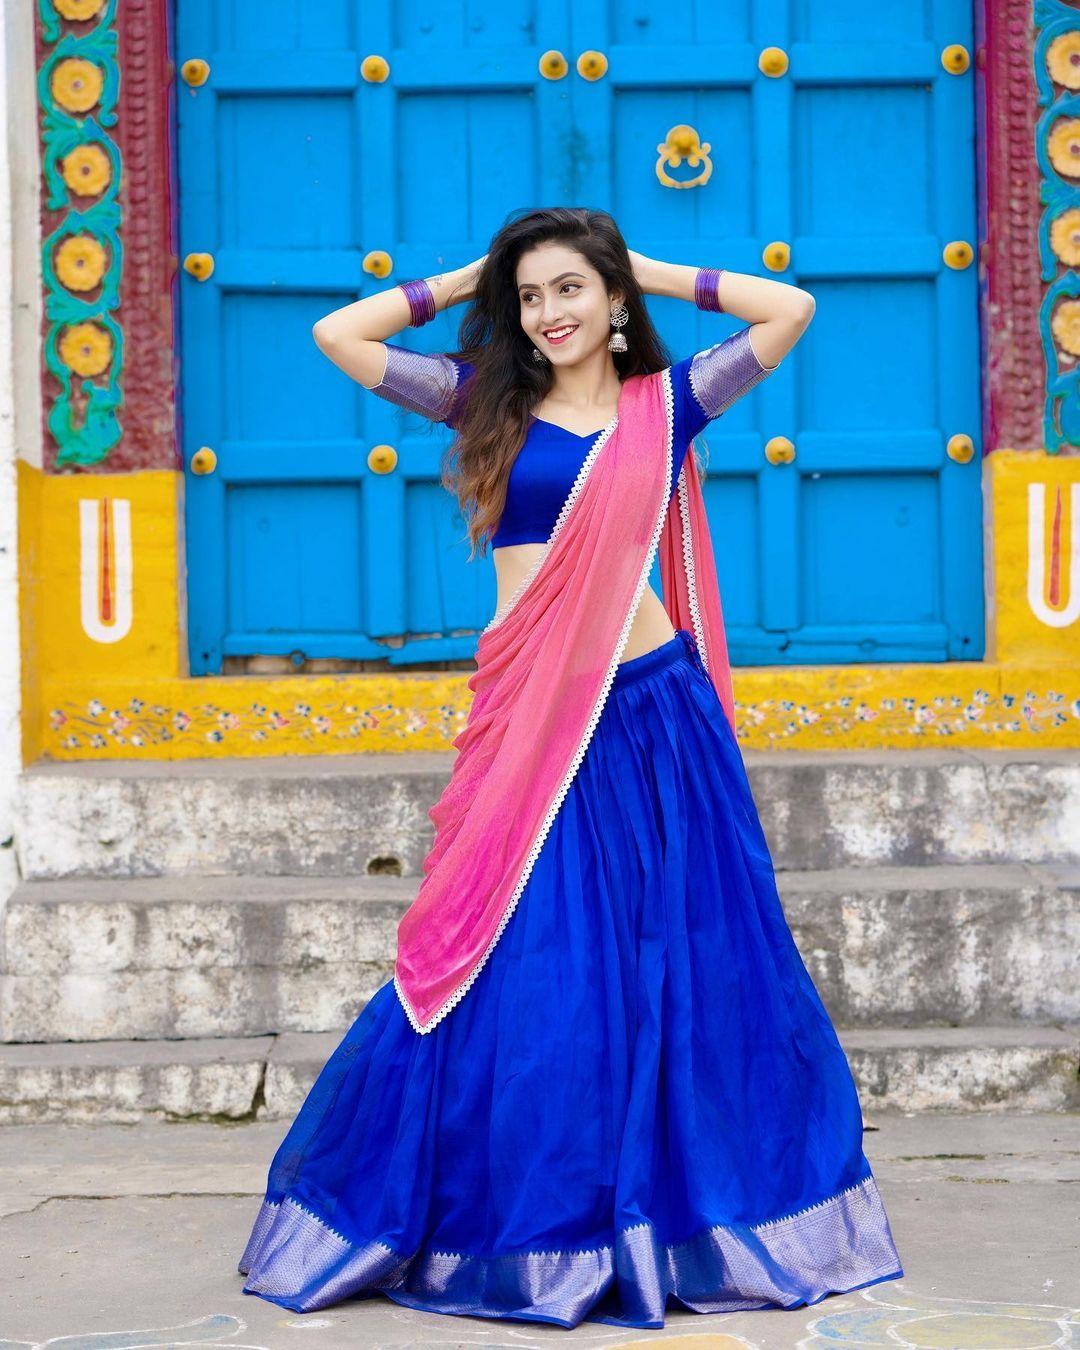 లంగా ఓణీలో దీపికా పిల్లి బ్యూటిఫుల్ ఫొటోలు. Photo: Deepika Pilli Instagram